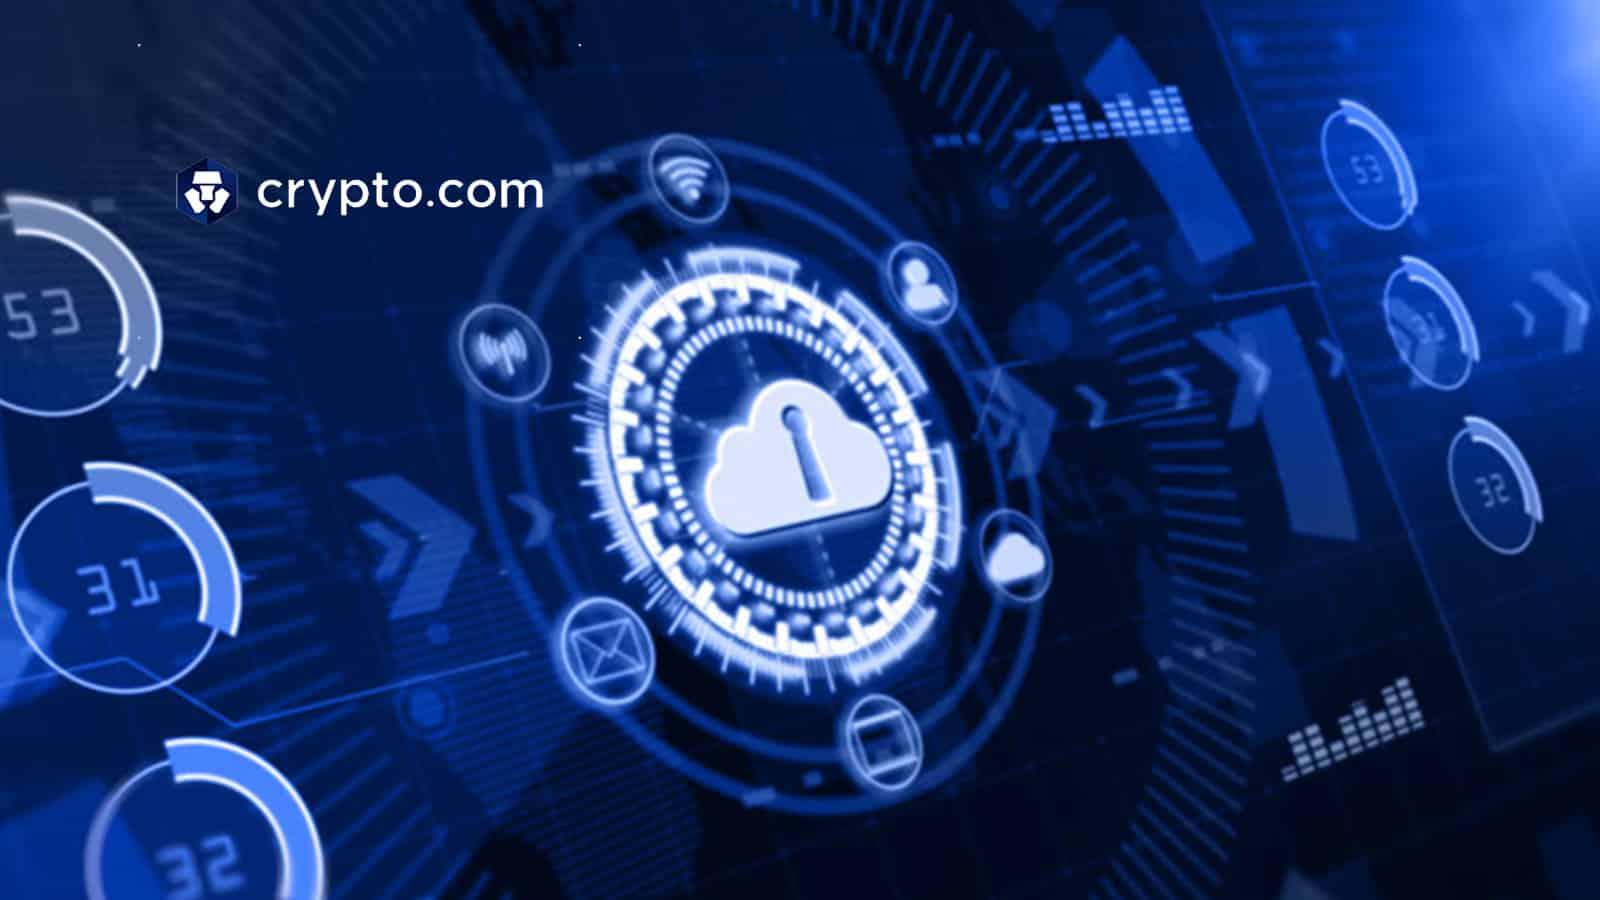 کسب بالاترین نشان امنیتی آمریکا برای Crypto.com